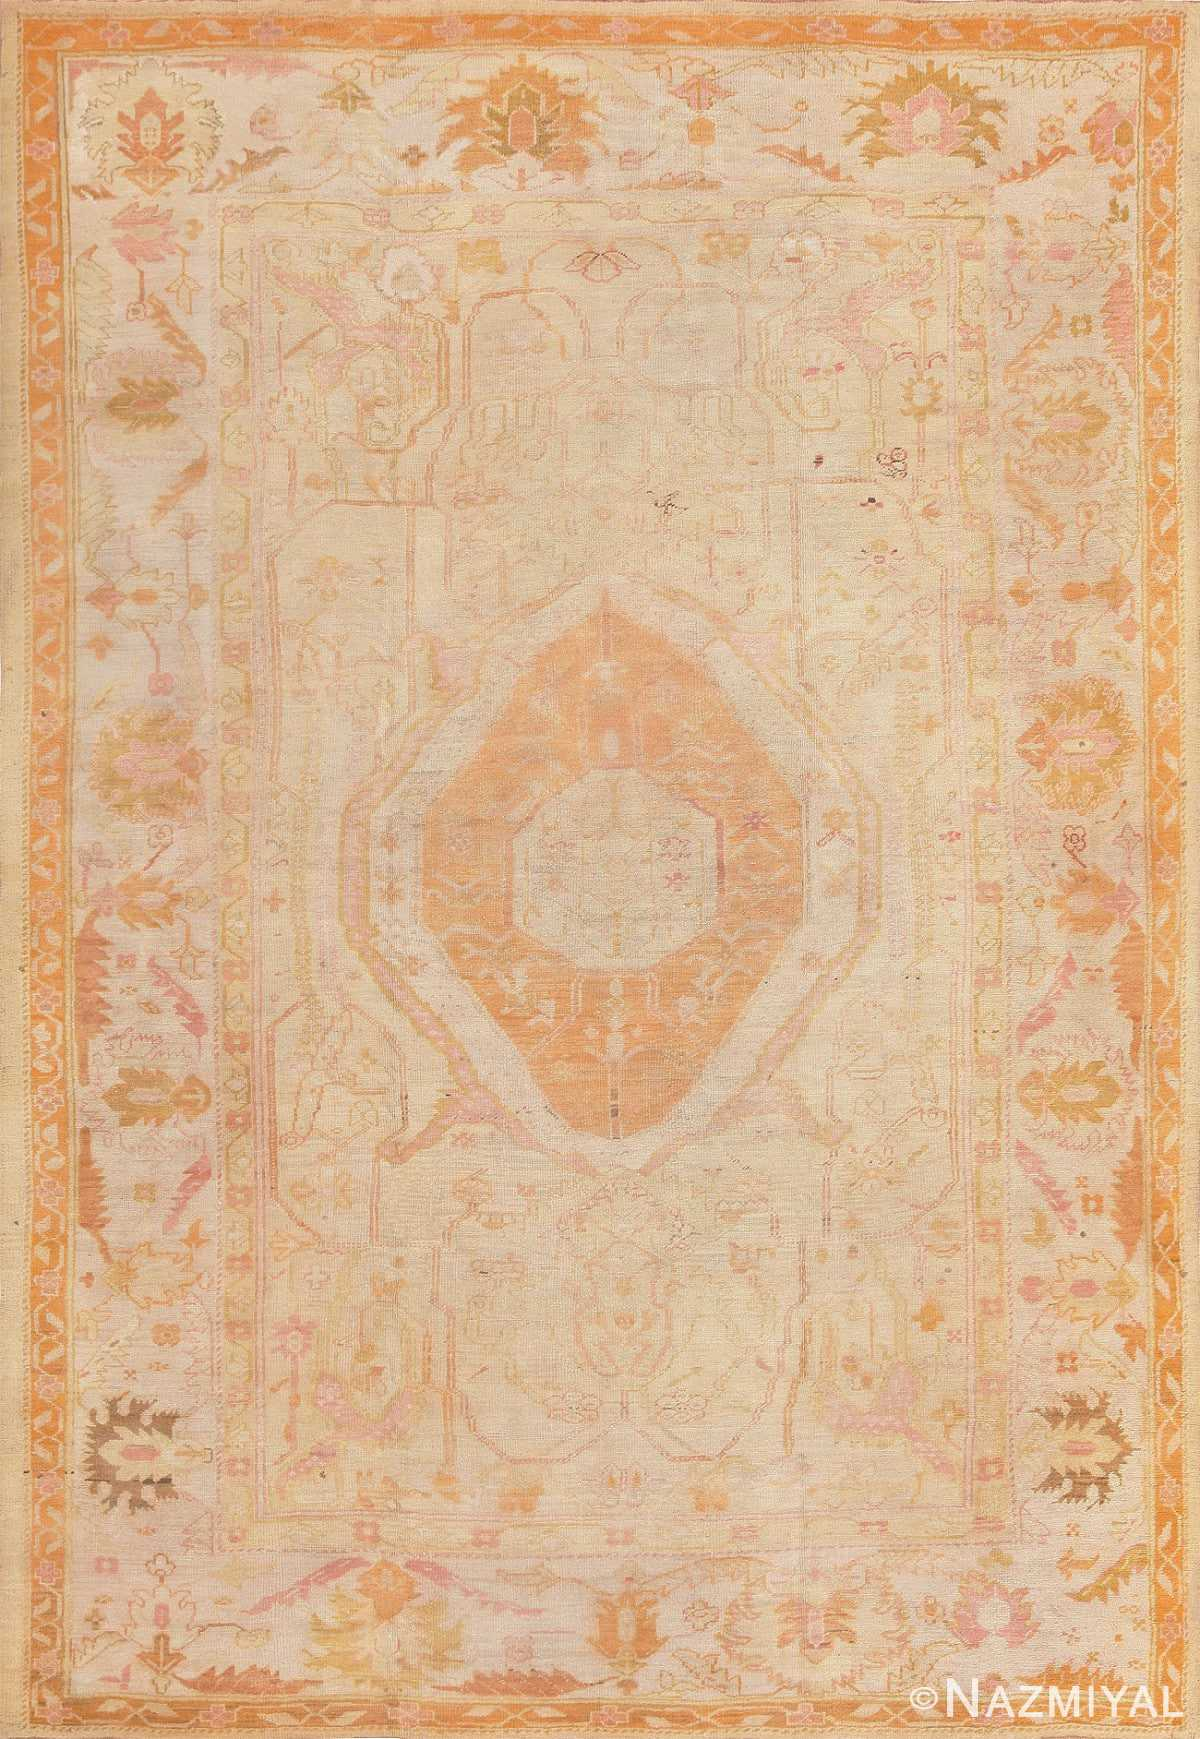 Antique Oushak Rug from Turkey 47441 Large Image